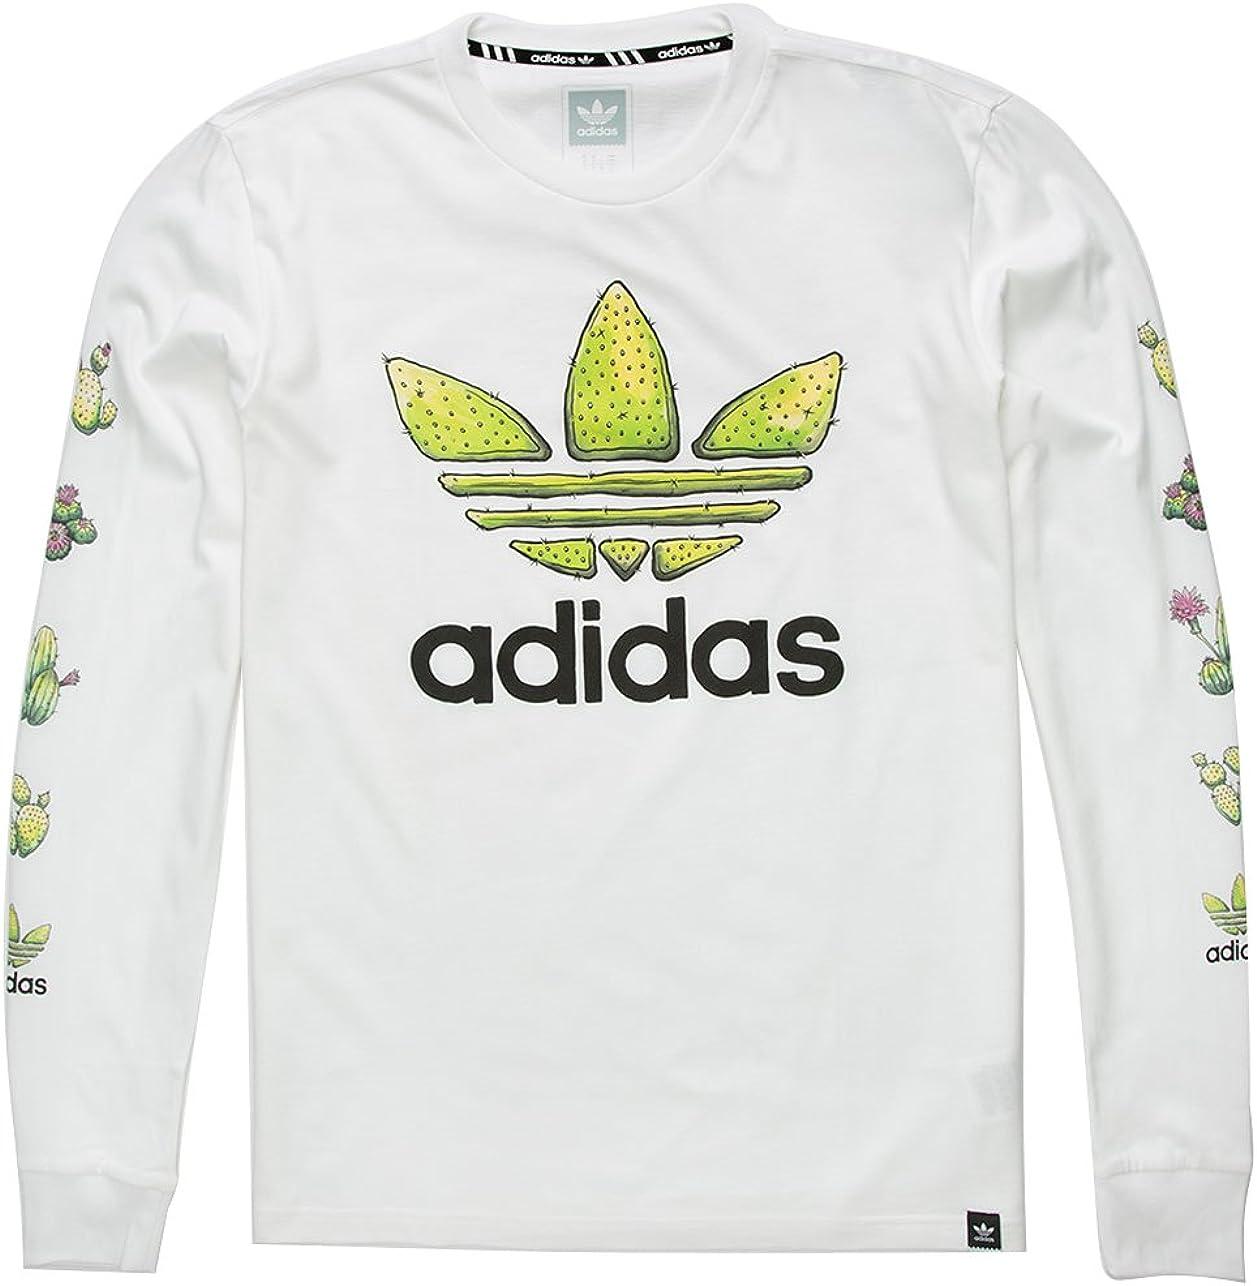 adidas Skateboarding para Hombre Cactus Camiseta de Manga Larga - 29682415005, Blanco: Amazon.es: Deportes y aire libre